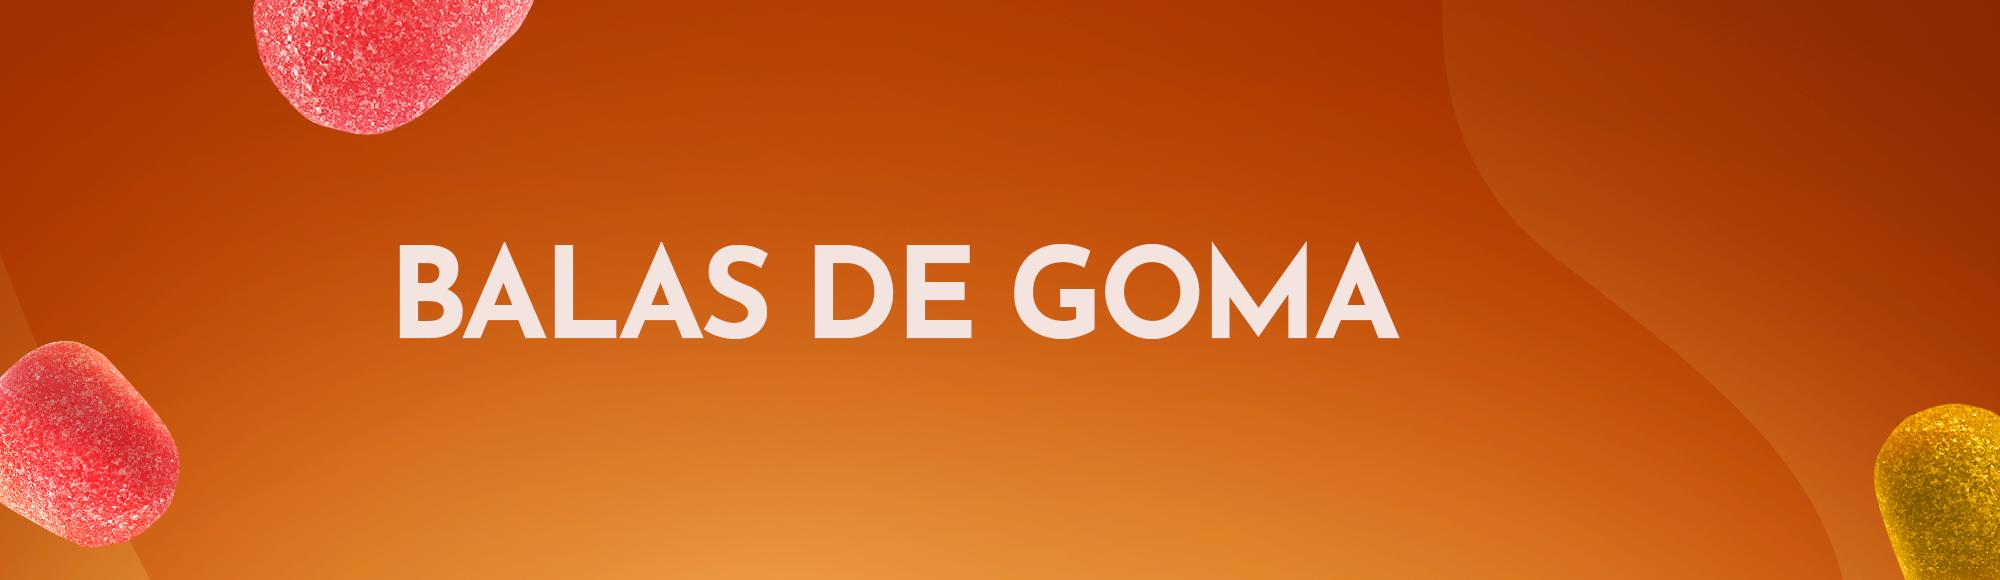 Balas de Goma